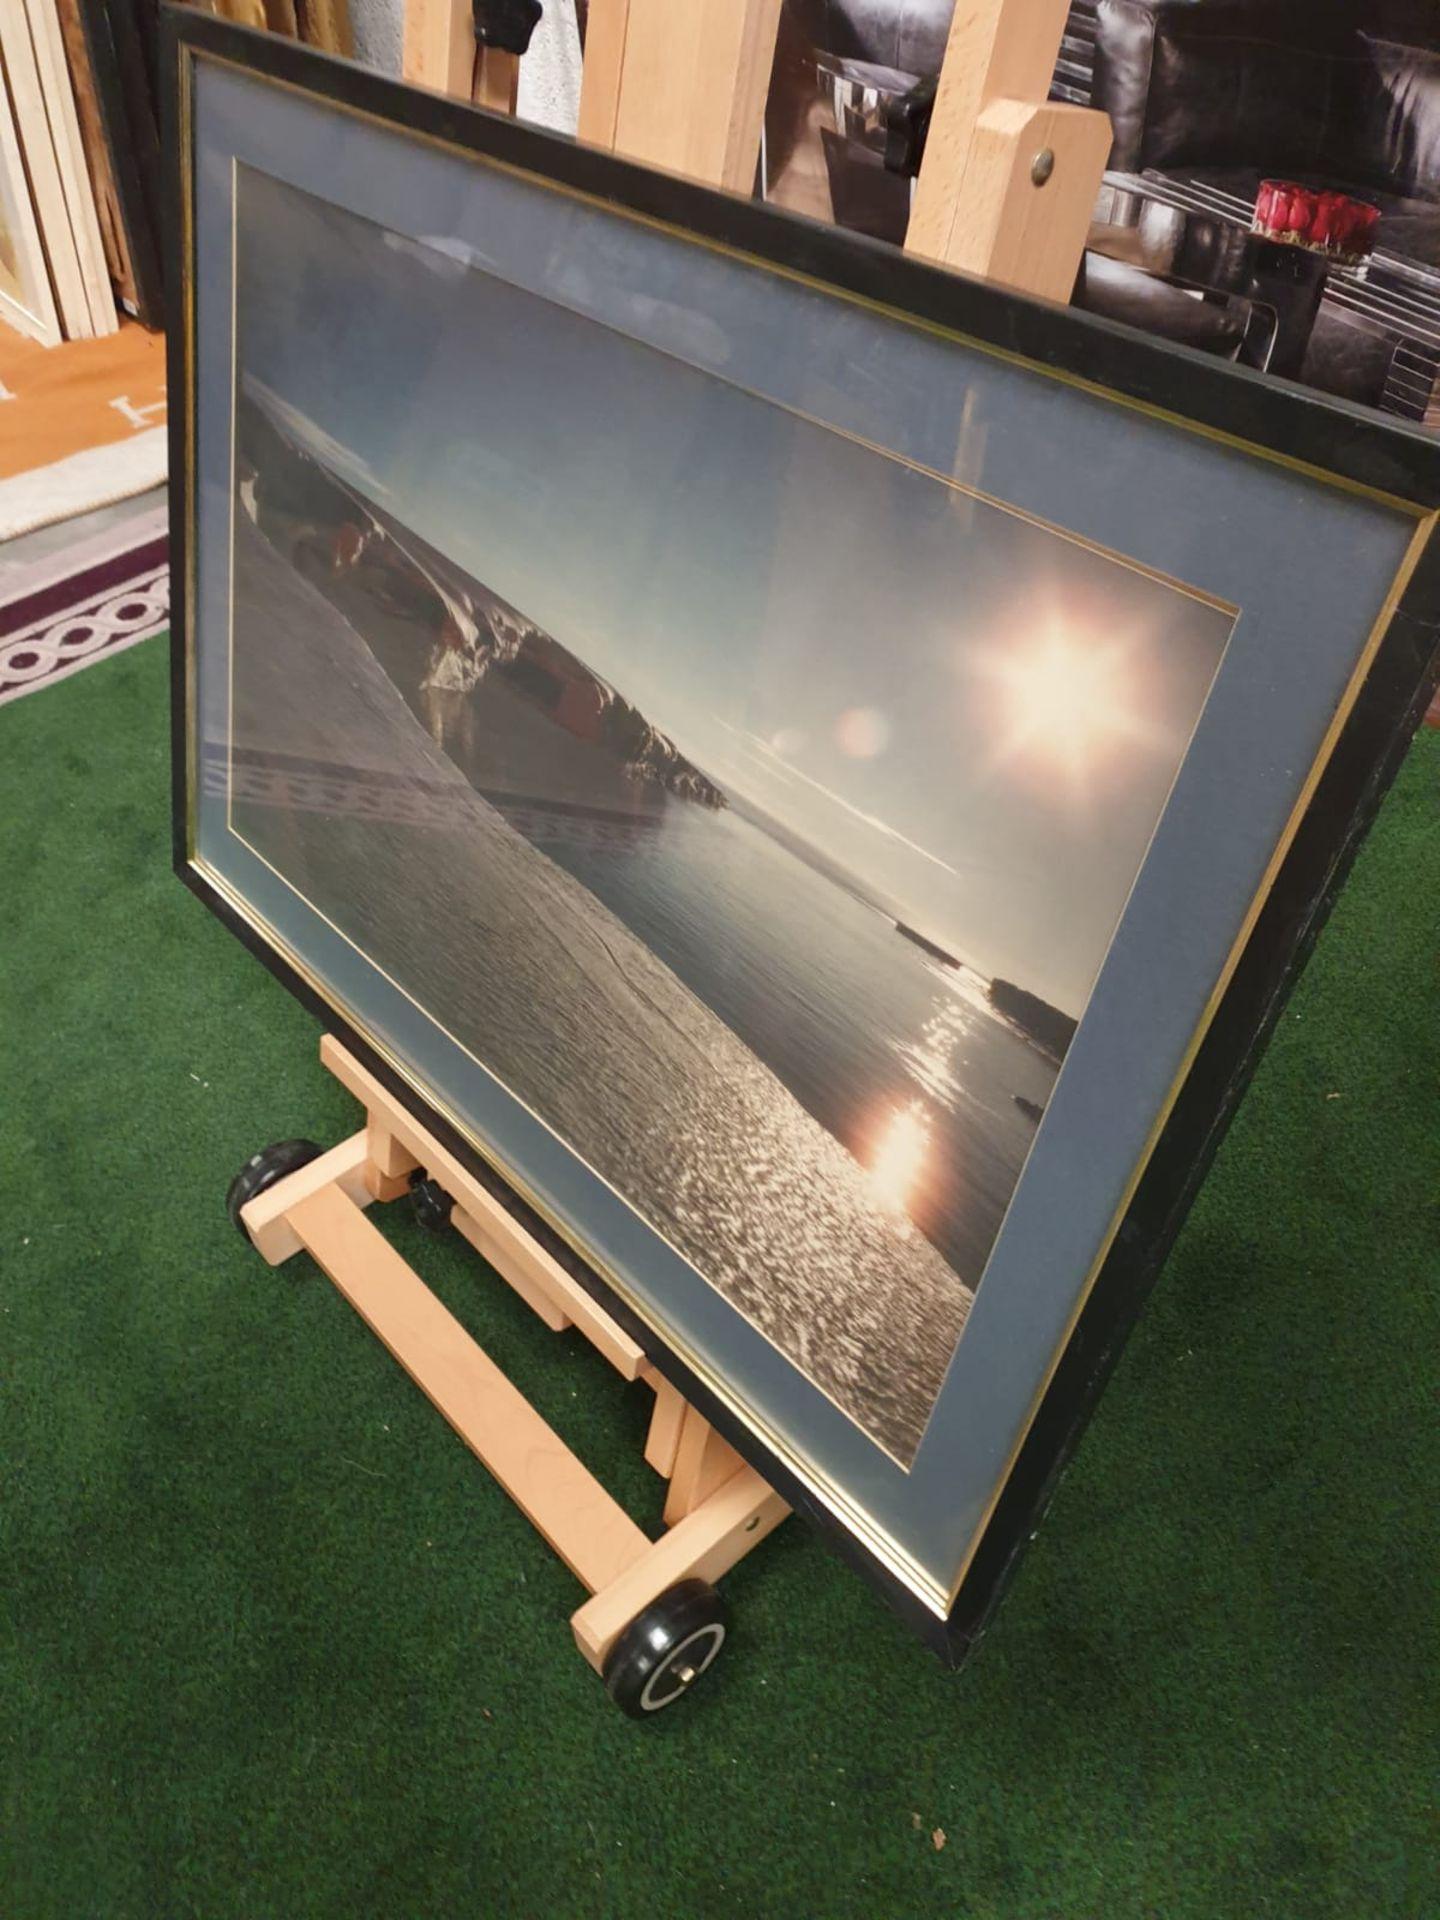 A large framed Seascape - Glaciers modern black frame 90 x 65 - Image 2 of 4